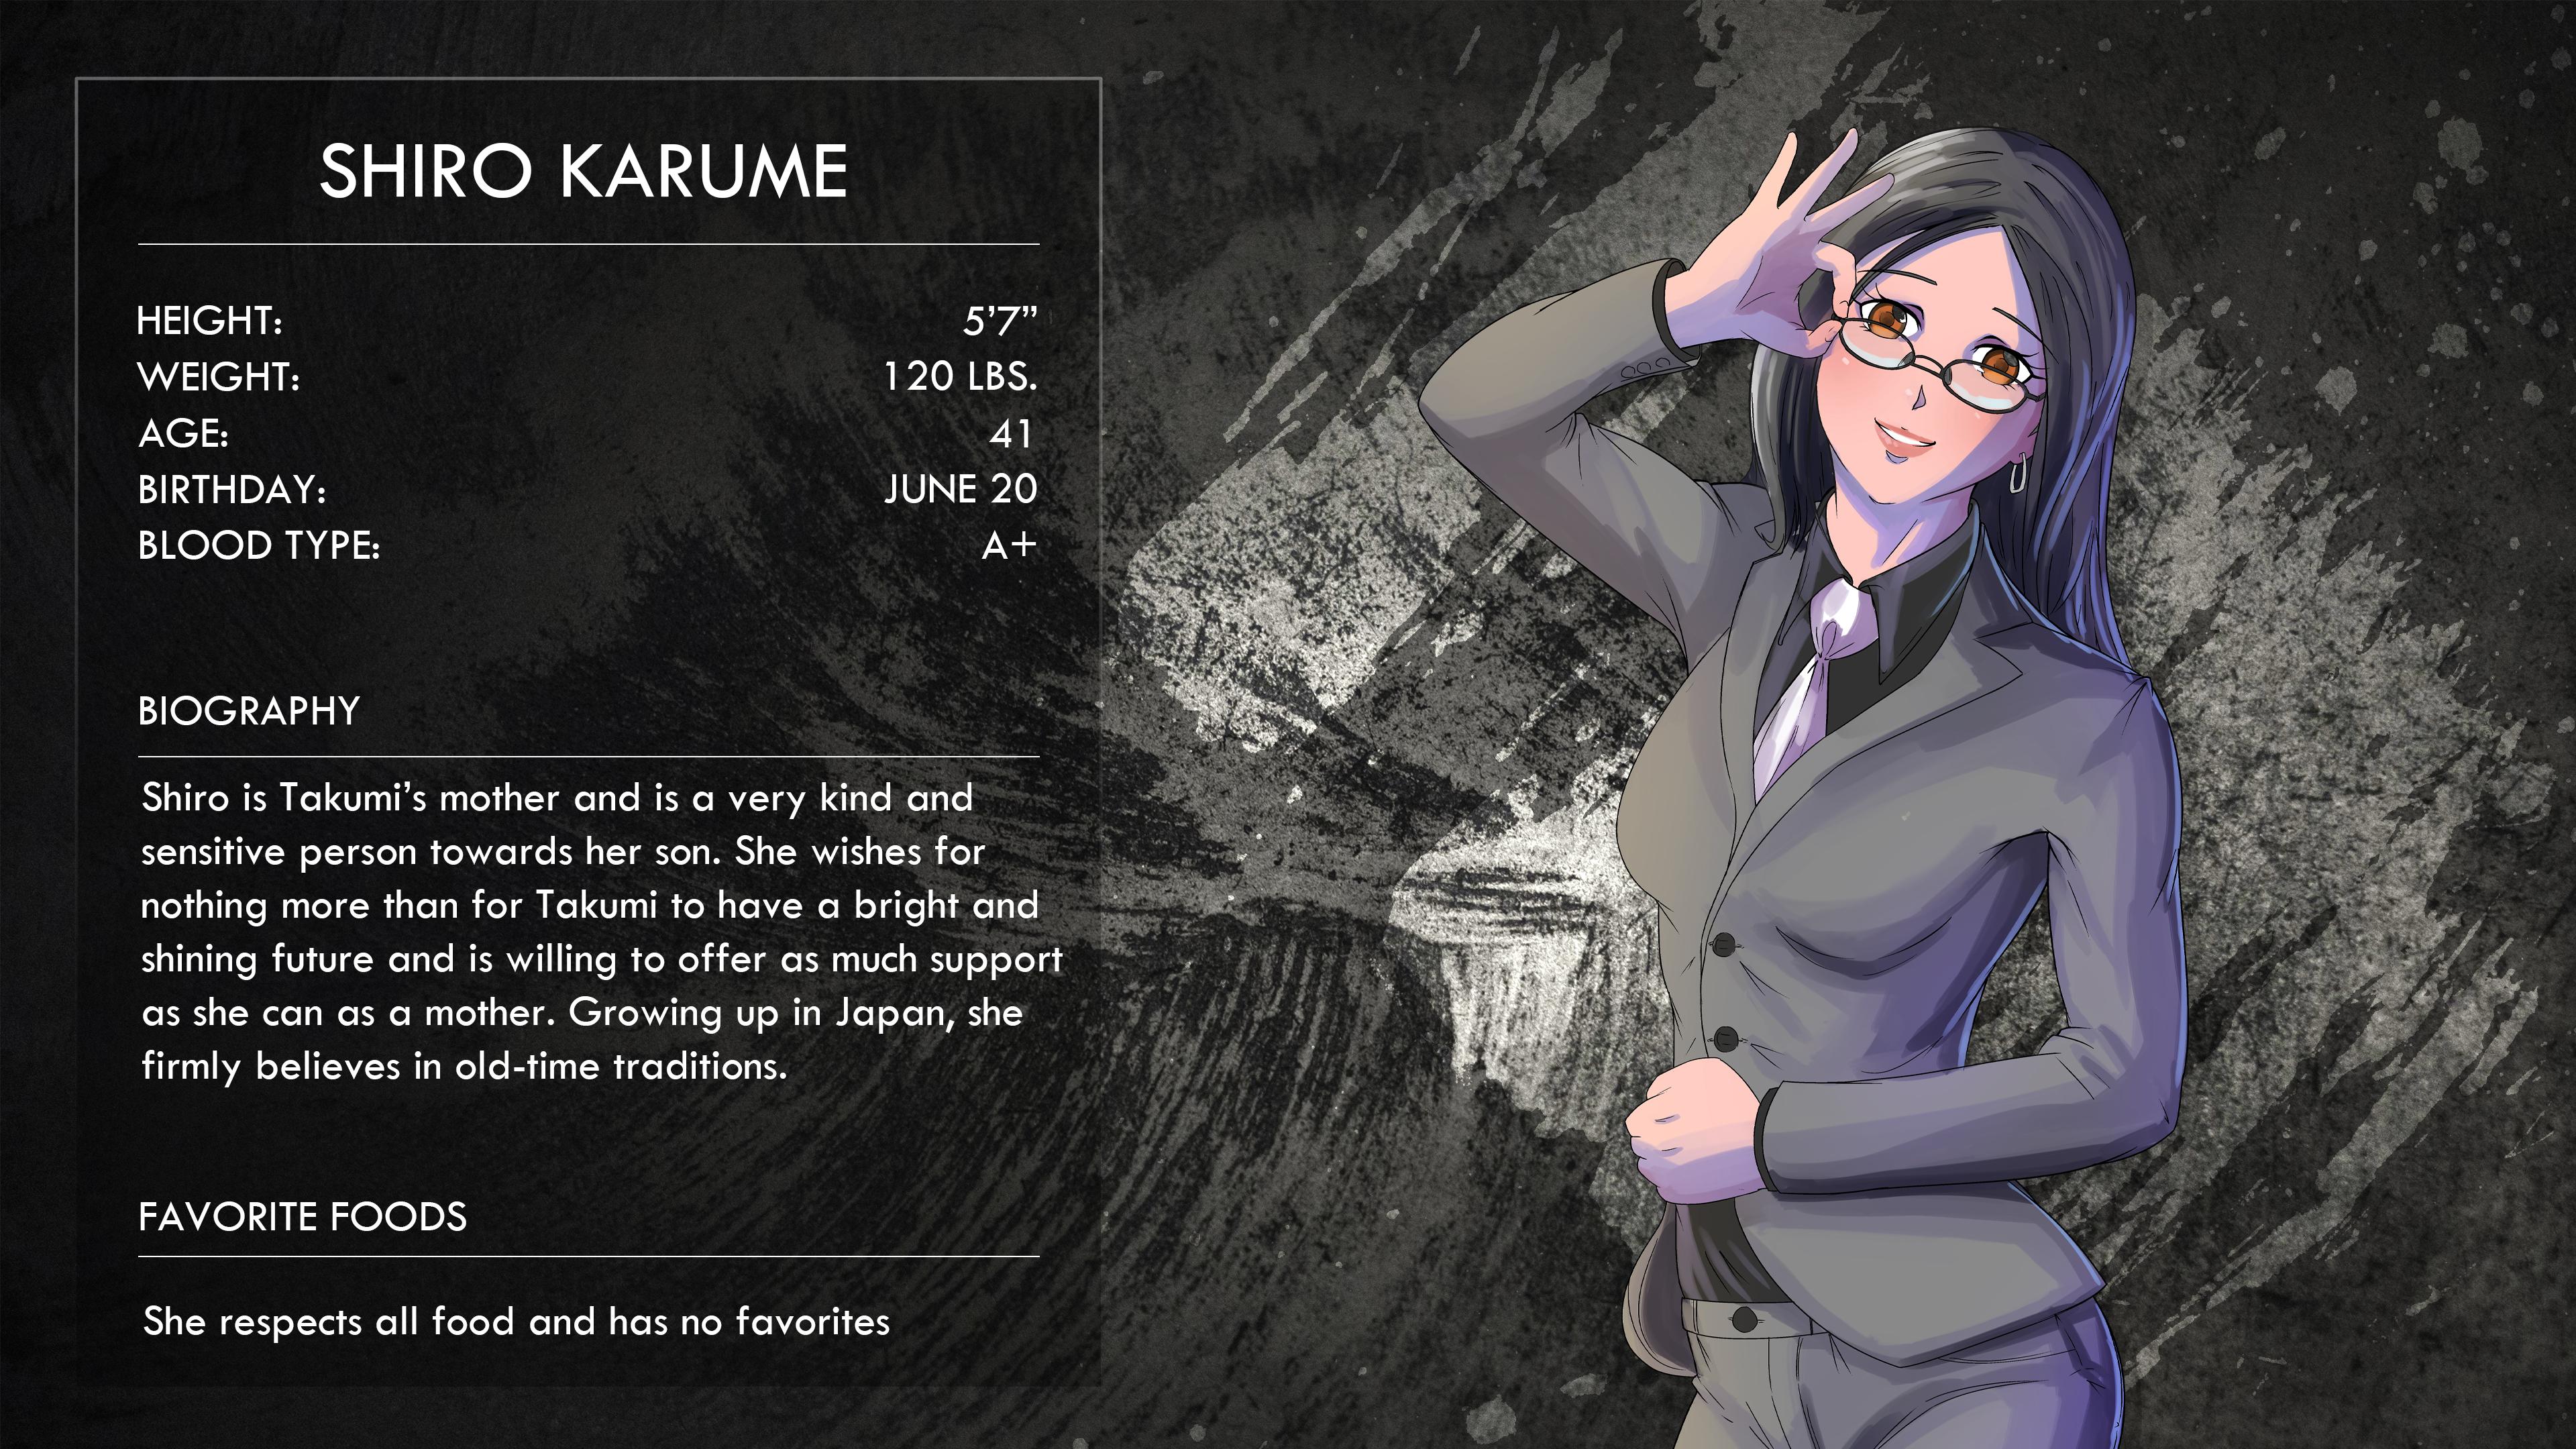 Shiro Karume